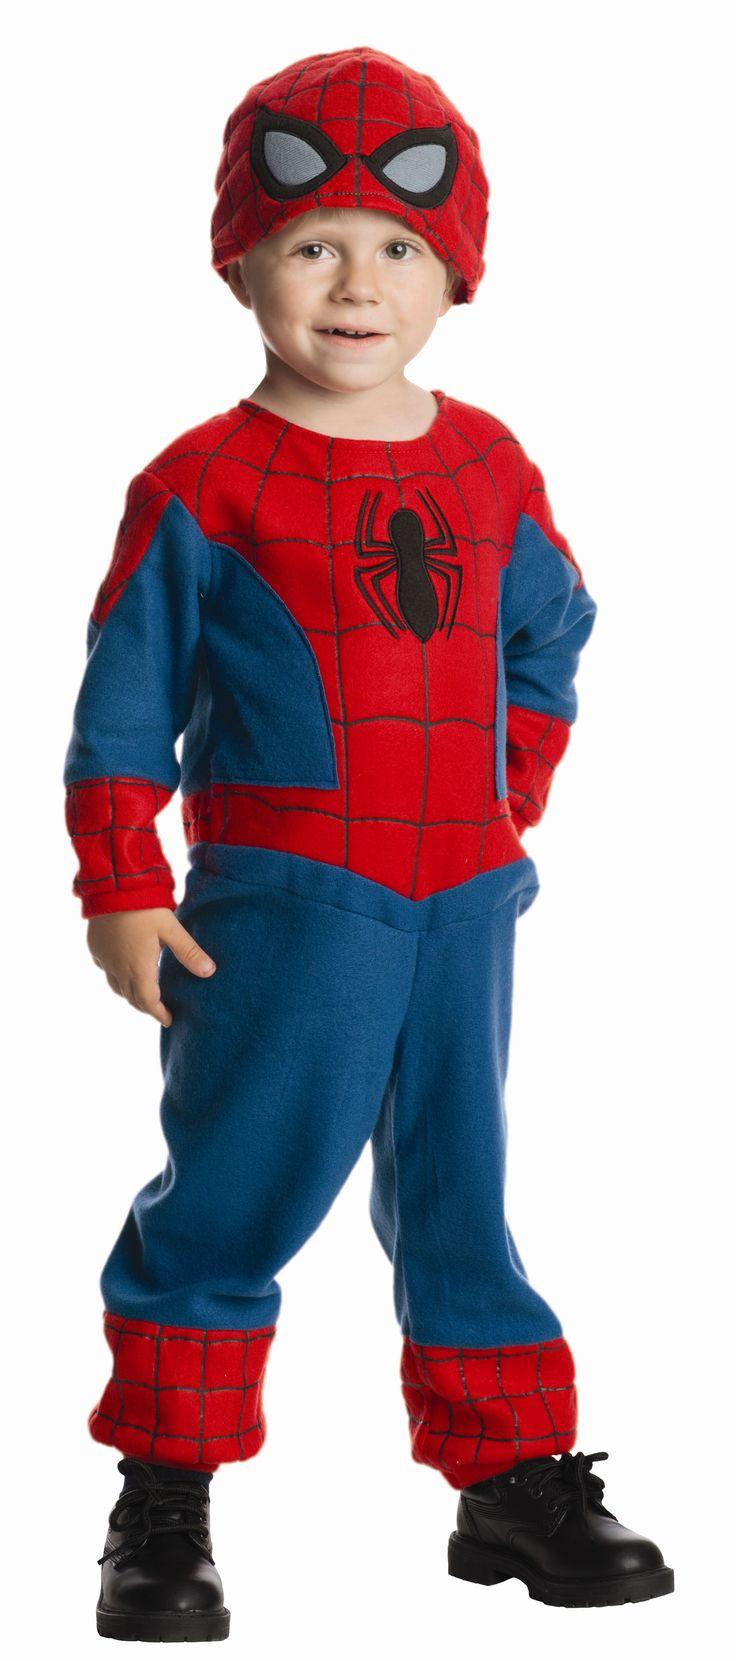 Toddler Spiderman Costume - Meijer Halloween 2014